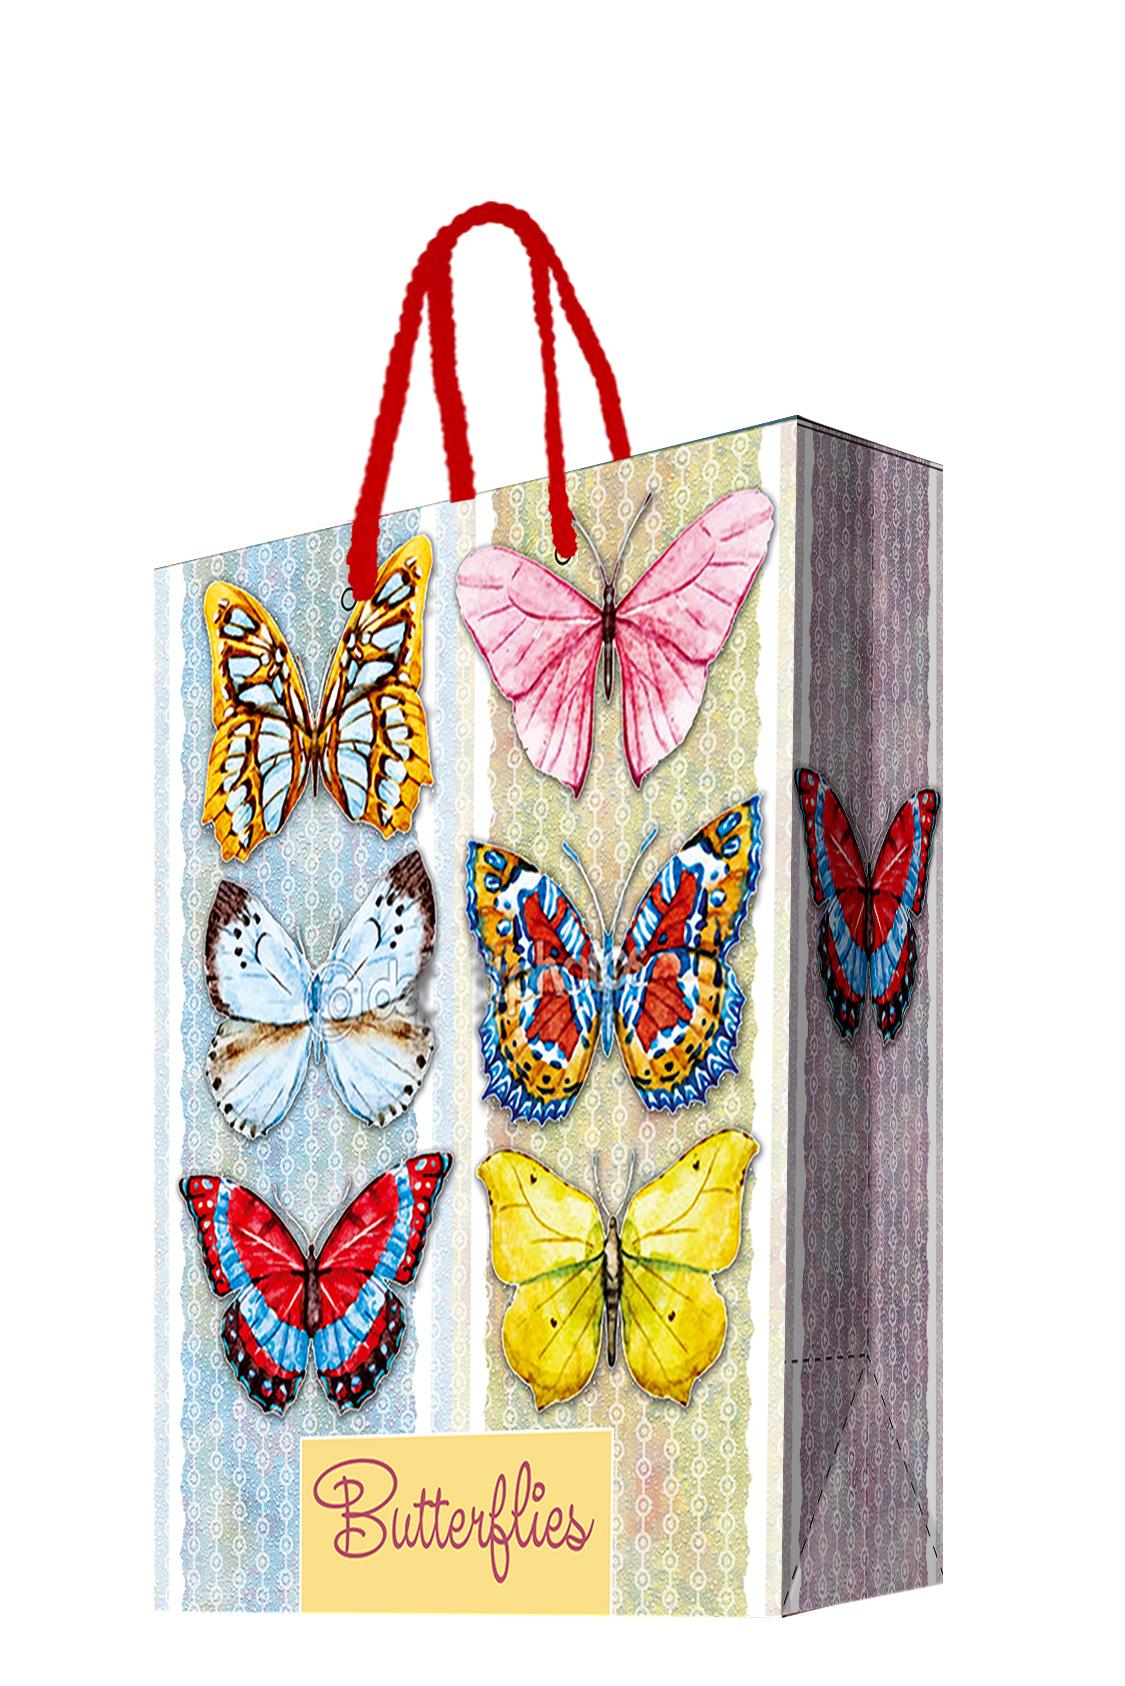 Пакет подарочный Magic Home Тропические бабочки, 17,8 х 22,9 х 9,8 смSS 4041Подарочный пакет Magic Home, изготовленный из плотной бумаги, станет незаменимым дополнением к выбранному подарку. Дно изделия укреплено картоном, который позволяет сохранить форму пакета и исключает возможность деформации дна под тяжестью подарка. Пакет выполнен с глянцевой ламинацией, что придает ему прочность, а изображению - яркость и насыщенность цветов. Для удобной переноски имеются две ручки в виде шнурков.Подарок, преподнесенный в оригинальной упаковке, всегда будет самым эффектным и запоминающимся. Окружите близких людей вниманием и заботой, вручив презент в нарядном, праздничном оформлении.Плотность бумаги: 140 г/м2.